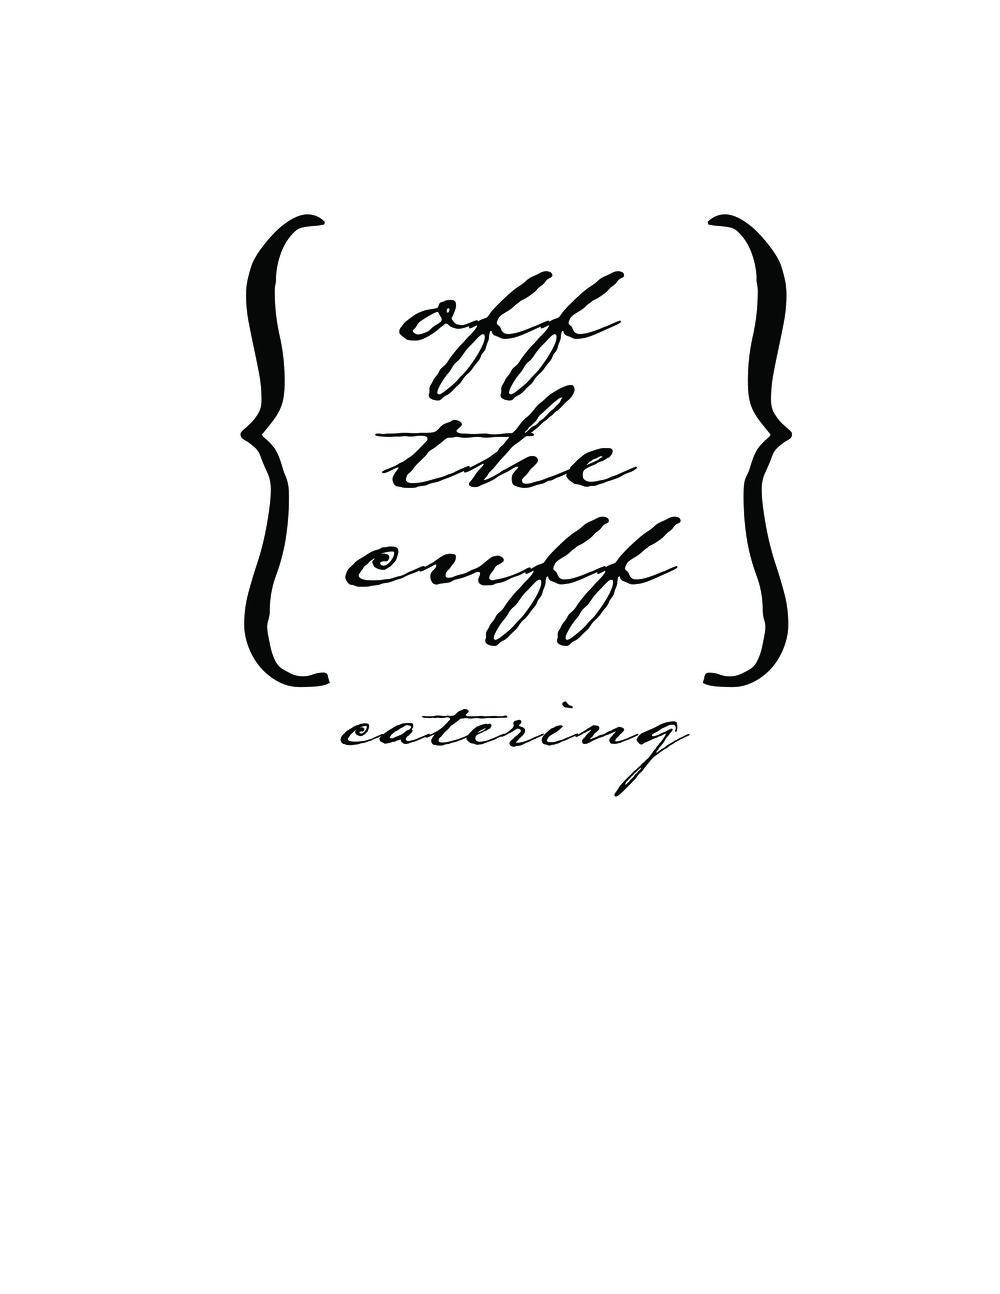 Off the Cuff Catering, Portage, MI